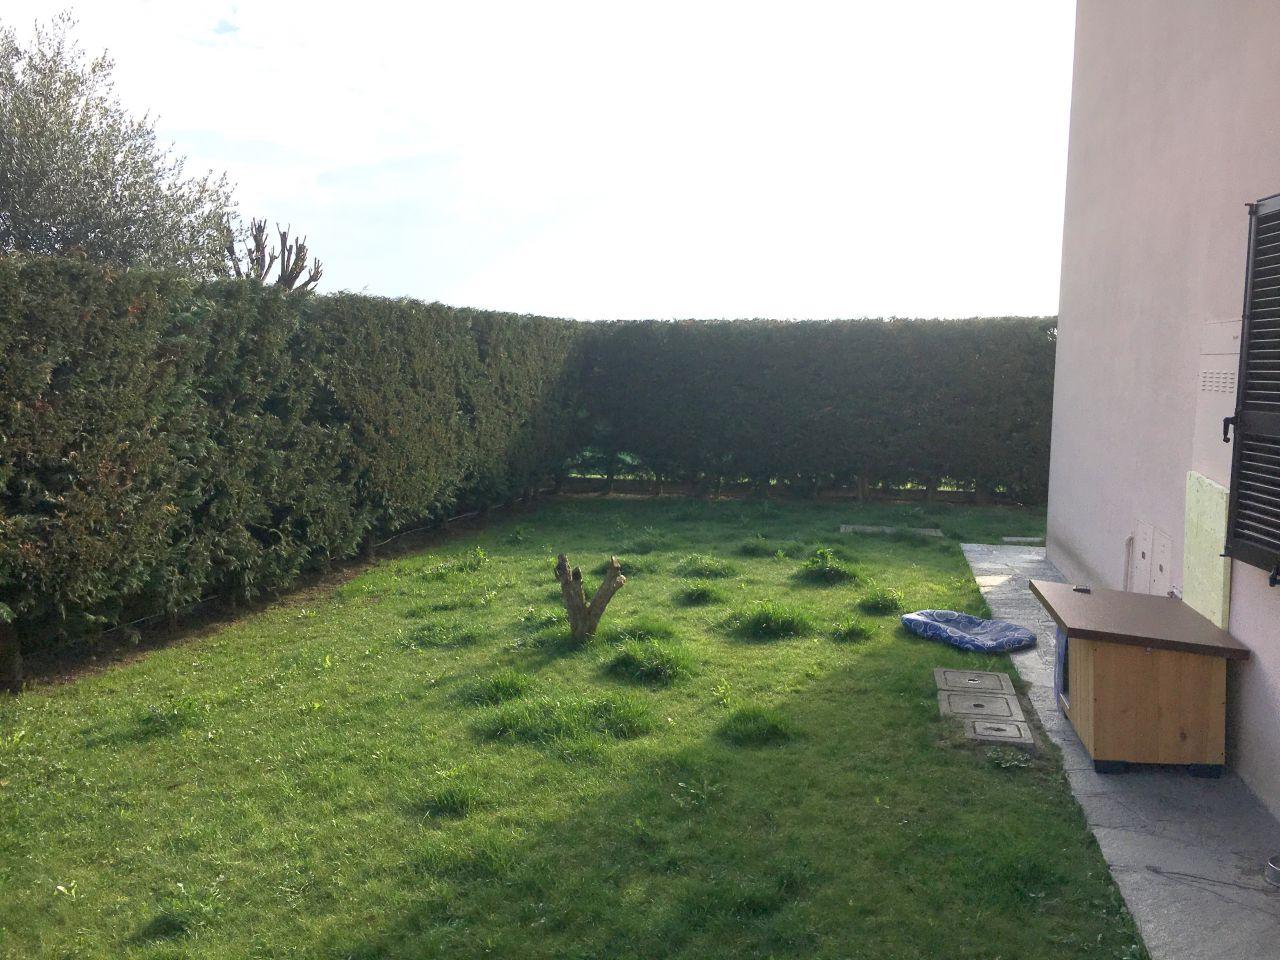 Villa in vendita a Gragnano Trebbiense, 4 locali, zona Località: GRAGNANO TREBBIENSE, prezzo € 285.000 | Cambio Casa.it